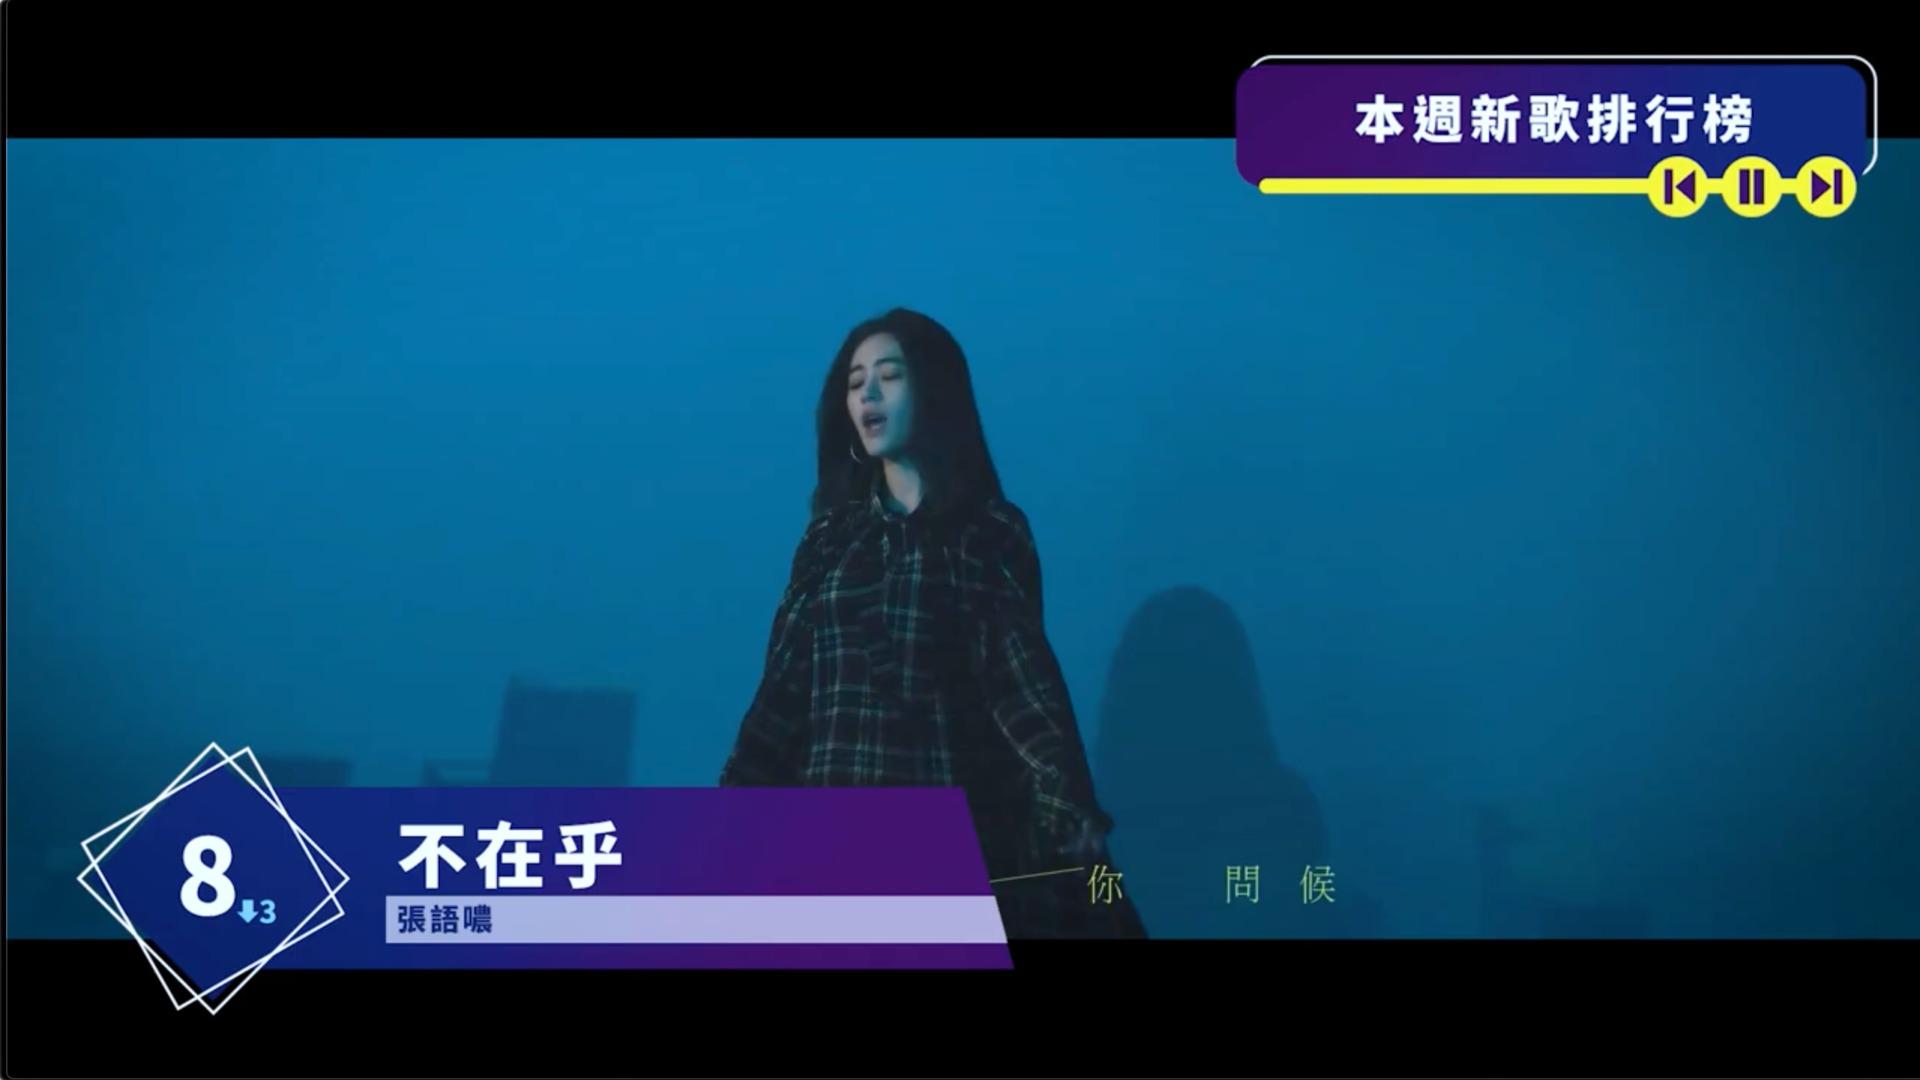 台灣指標華語新歌榜 | 不要再開天后玩笑 | 排行榜 EP9